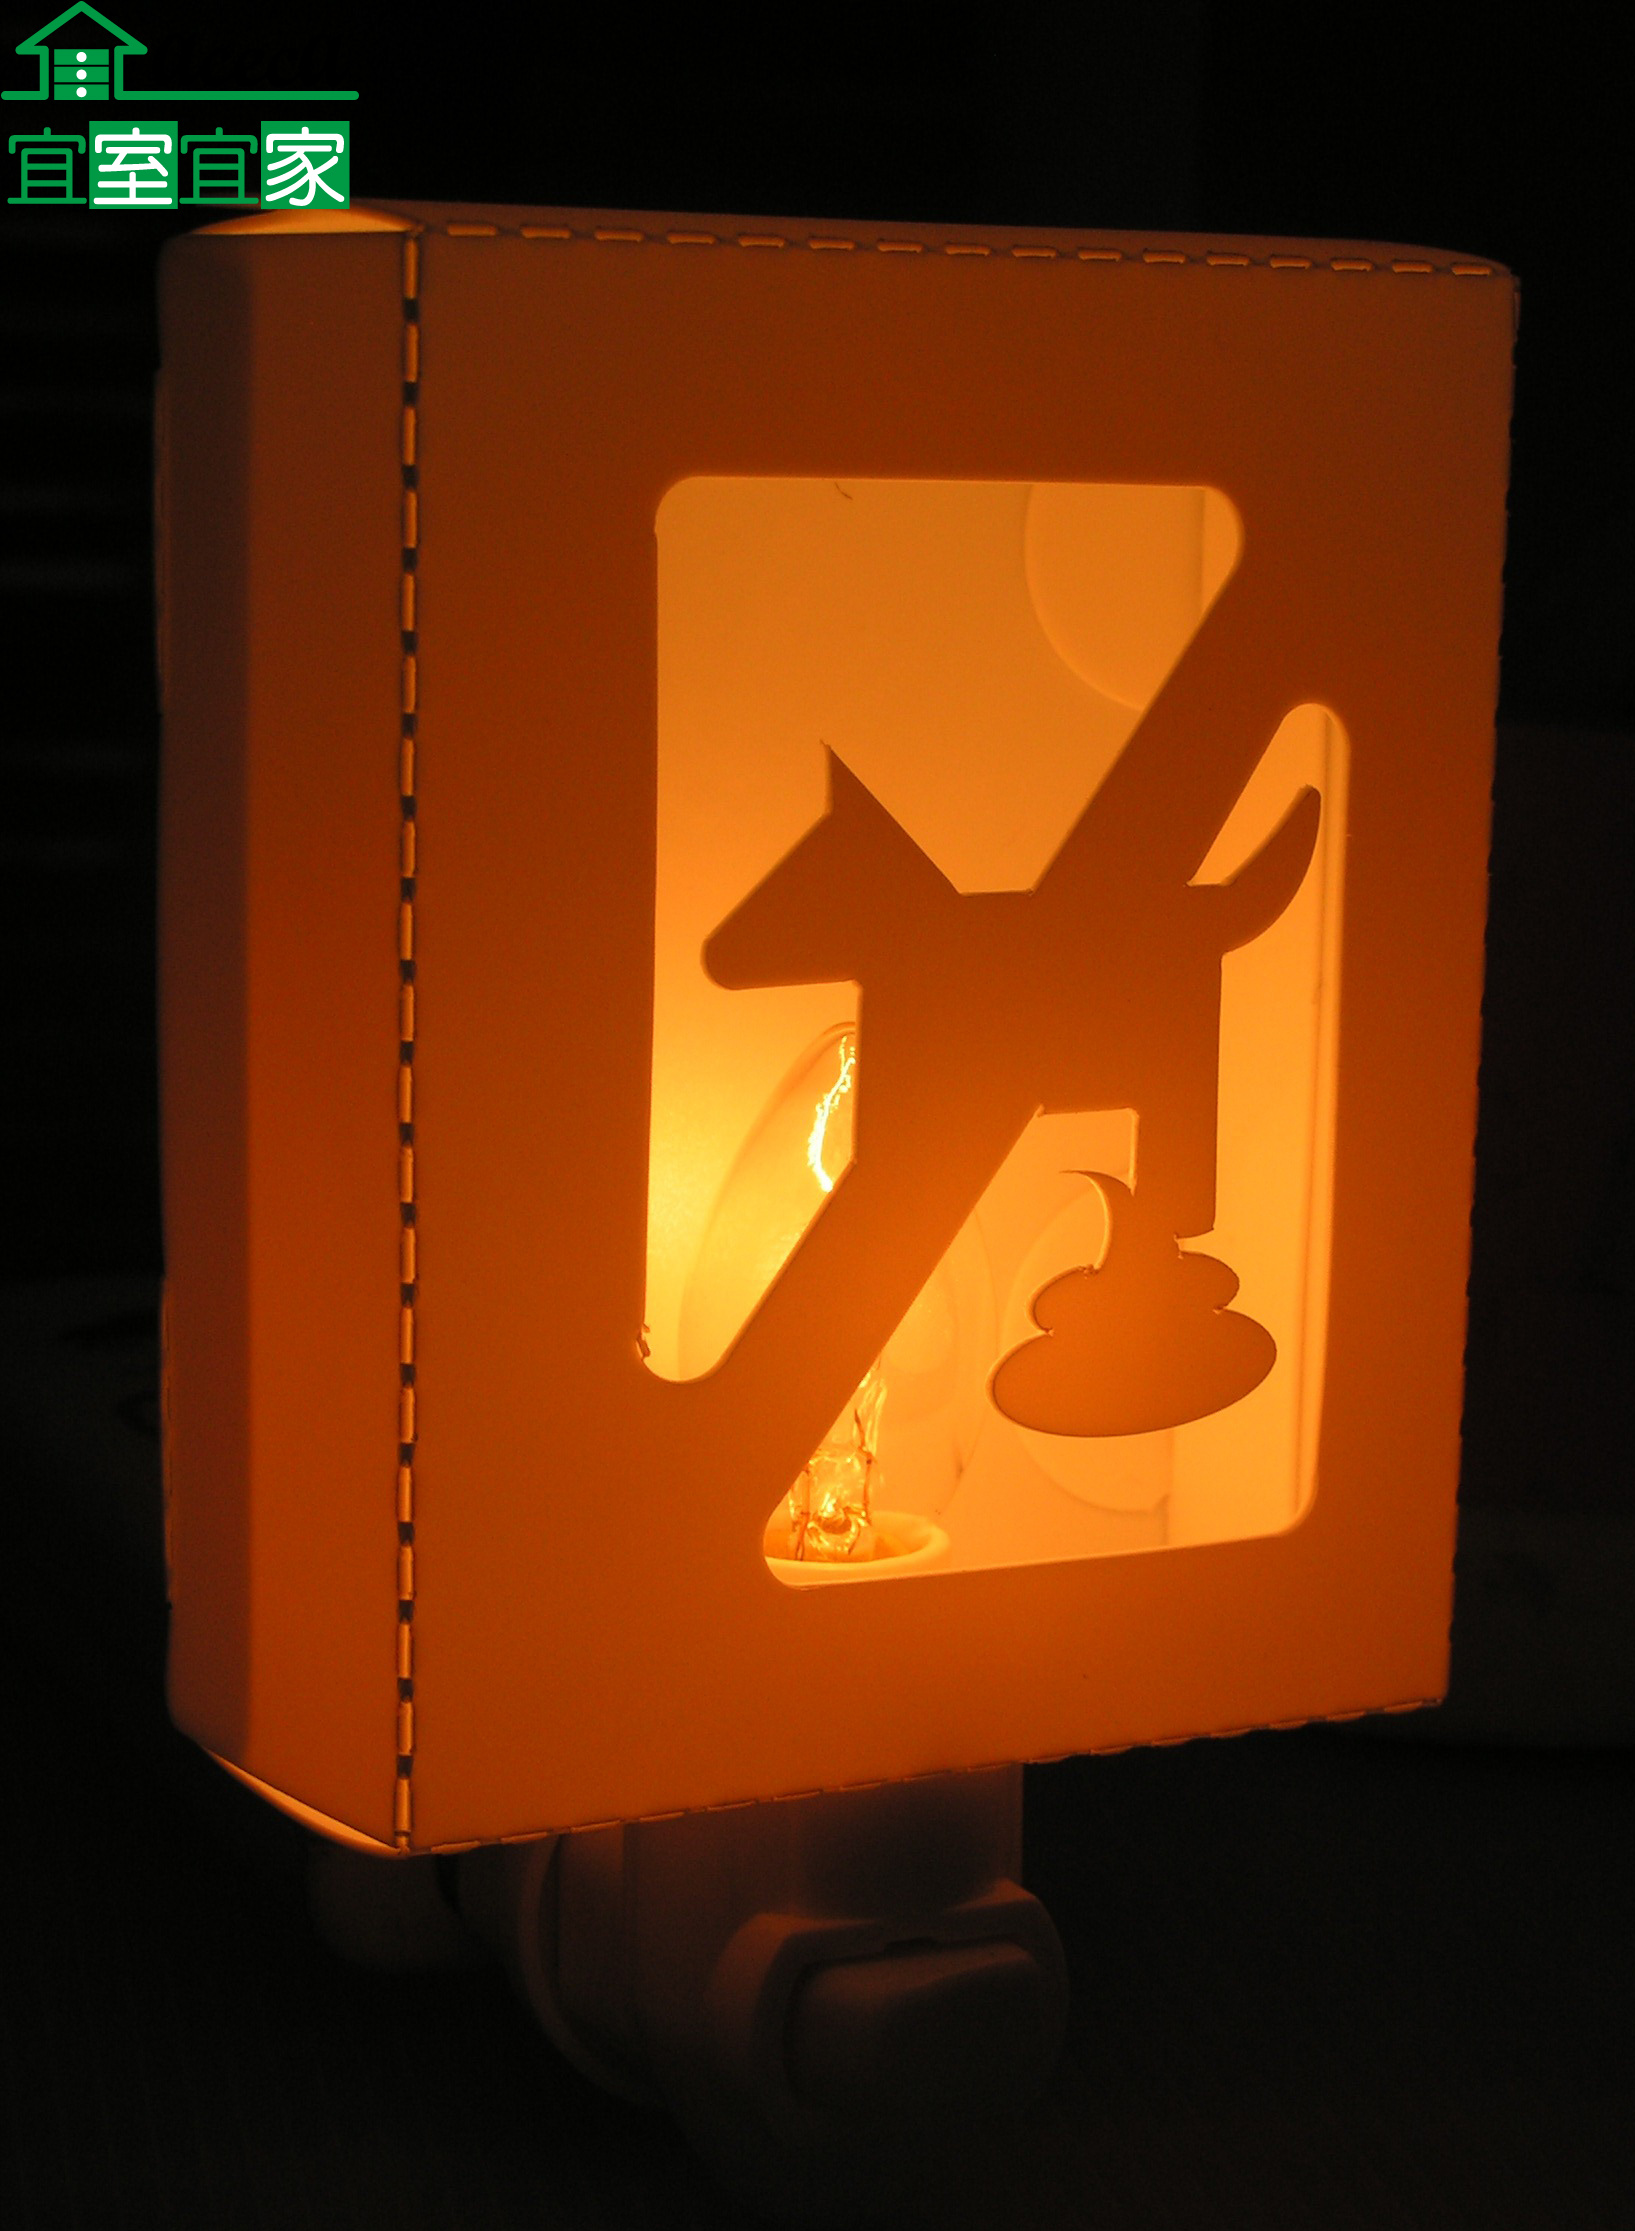 小夜燈 床頭燈 創意 造型 浪漫 夜生活 送禮 MIT 台灣製 禁止狗大便【宜室宜家CYF13】